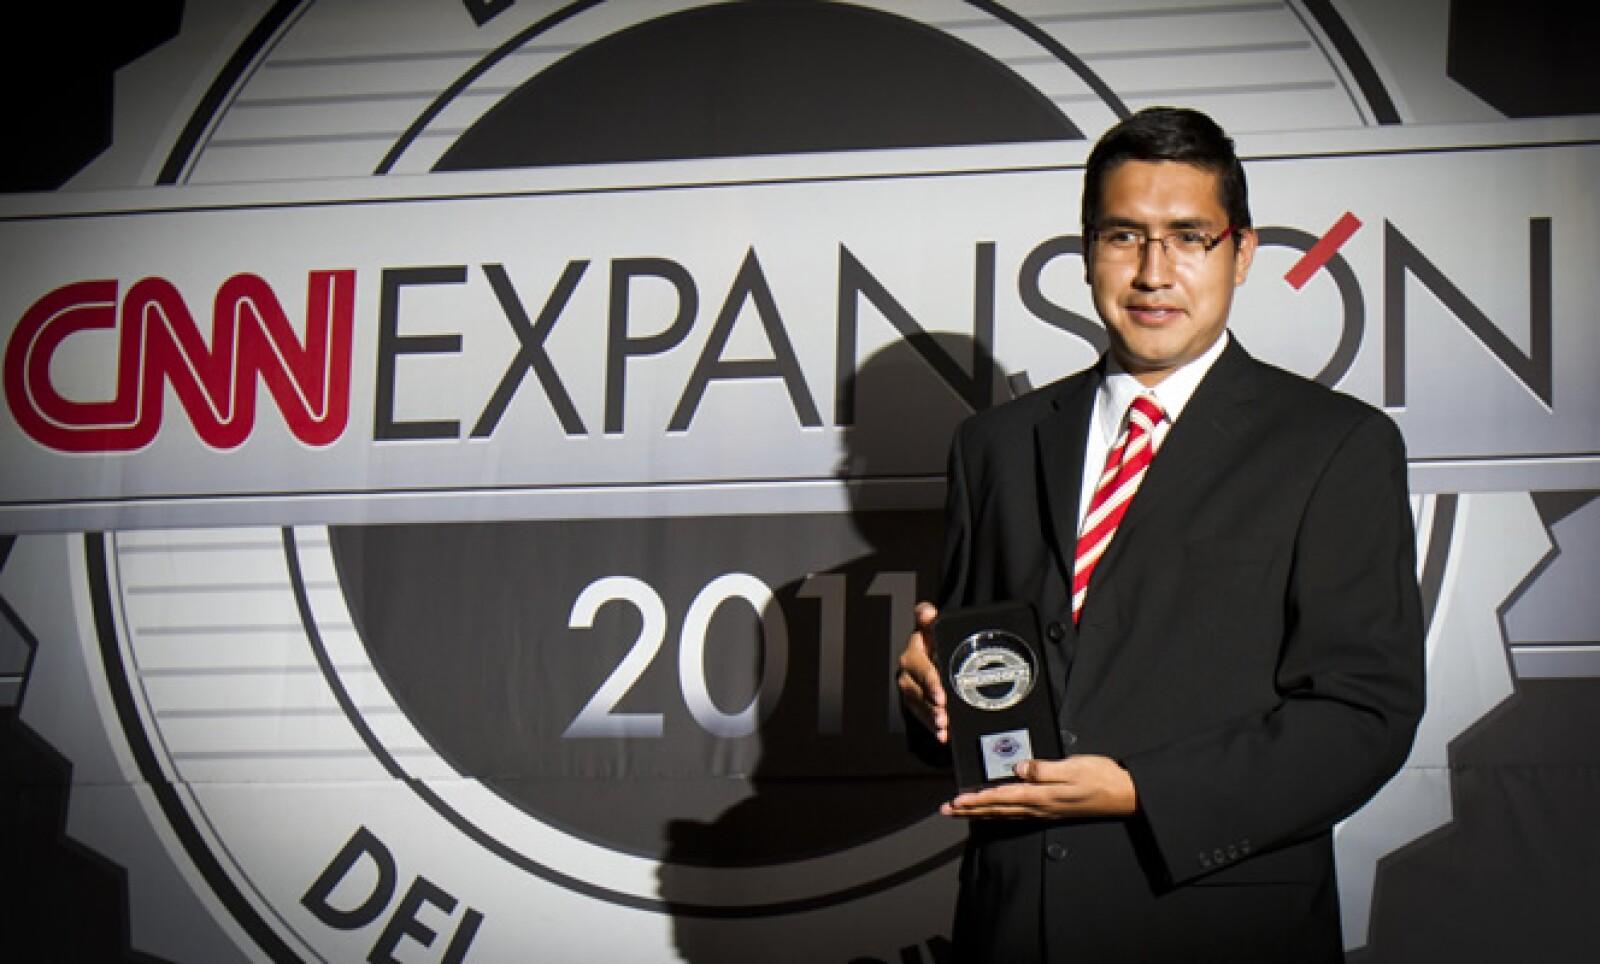 La cadena exhibidora Cinépolis fue el máximo vencedor de la noche al llevarse el galardón de 'Sitio del Año' y también el de la categoría 'Comercio'. Efrén Tapia, Gerente de medios electrónicos, recibió el premio.